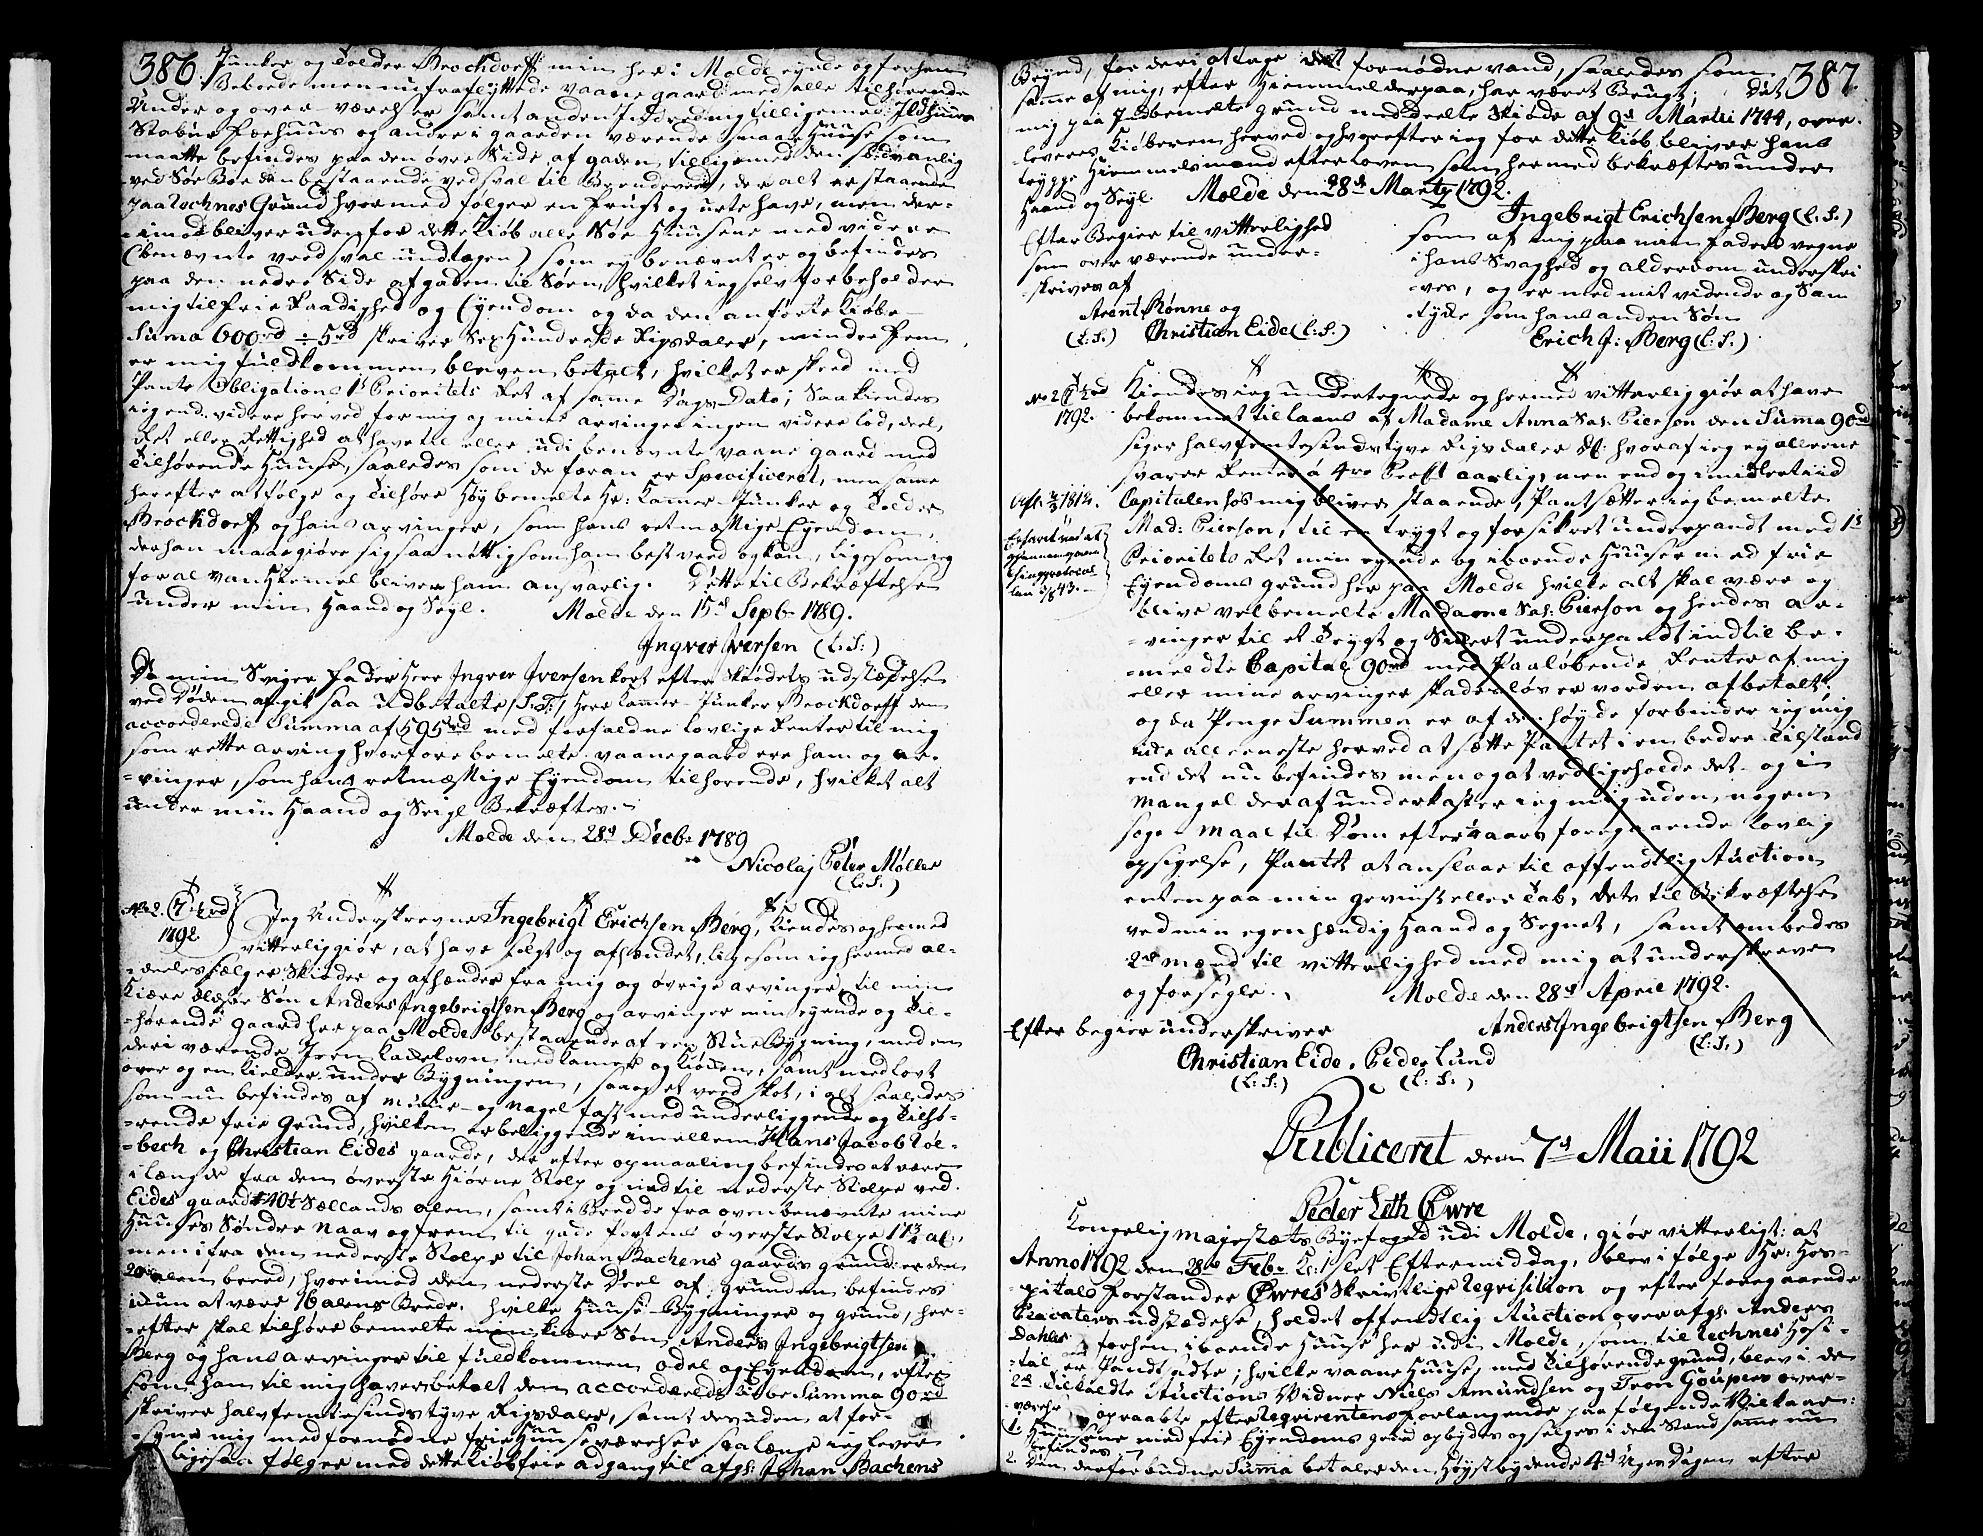 SAT, Molde byfogd, 2C/L0001: Pantebok nr. 1, 1748-1823, s. 386-387